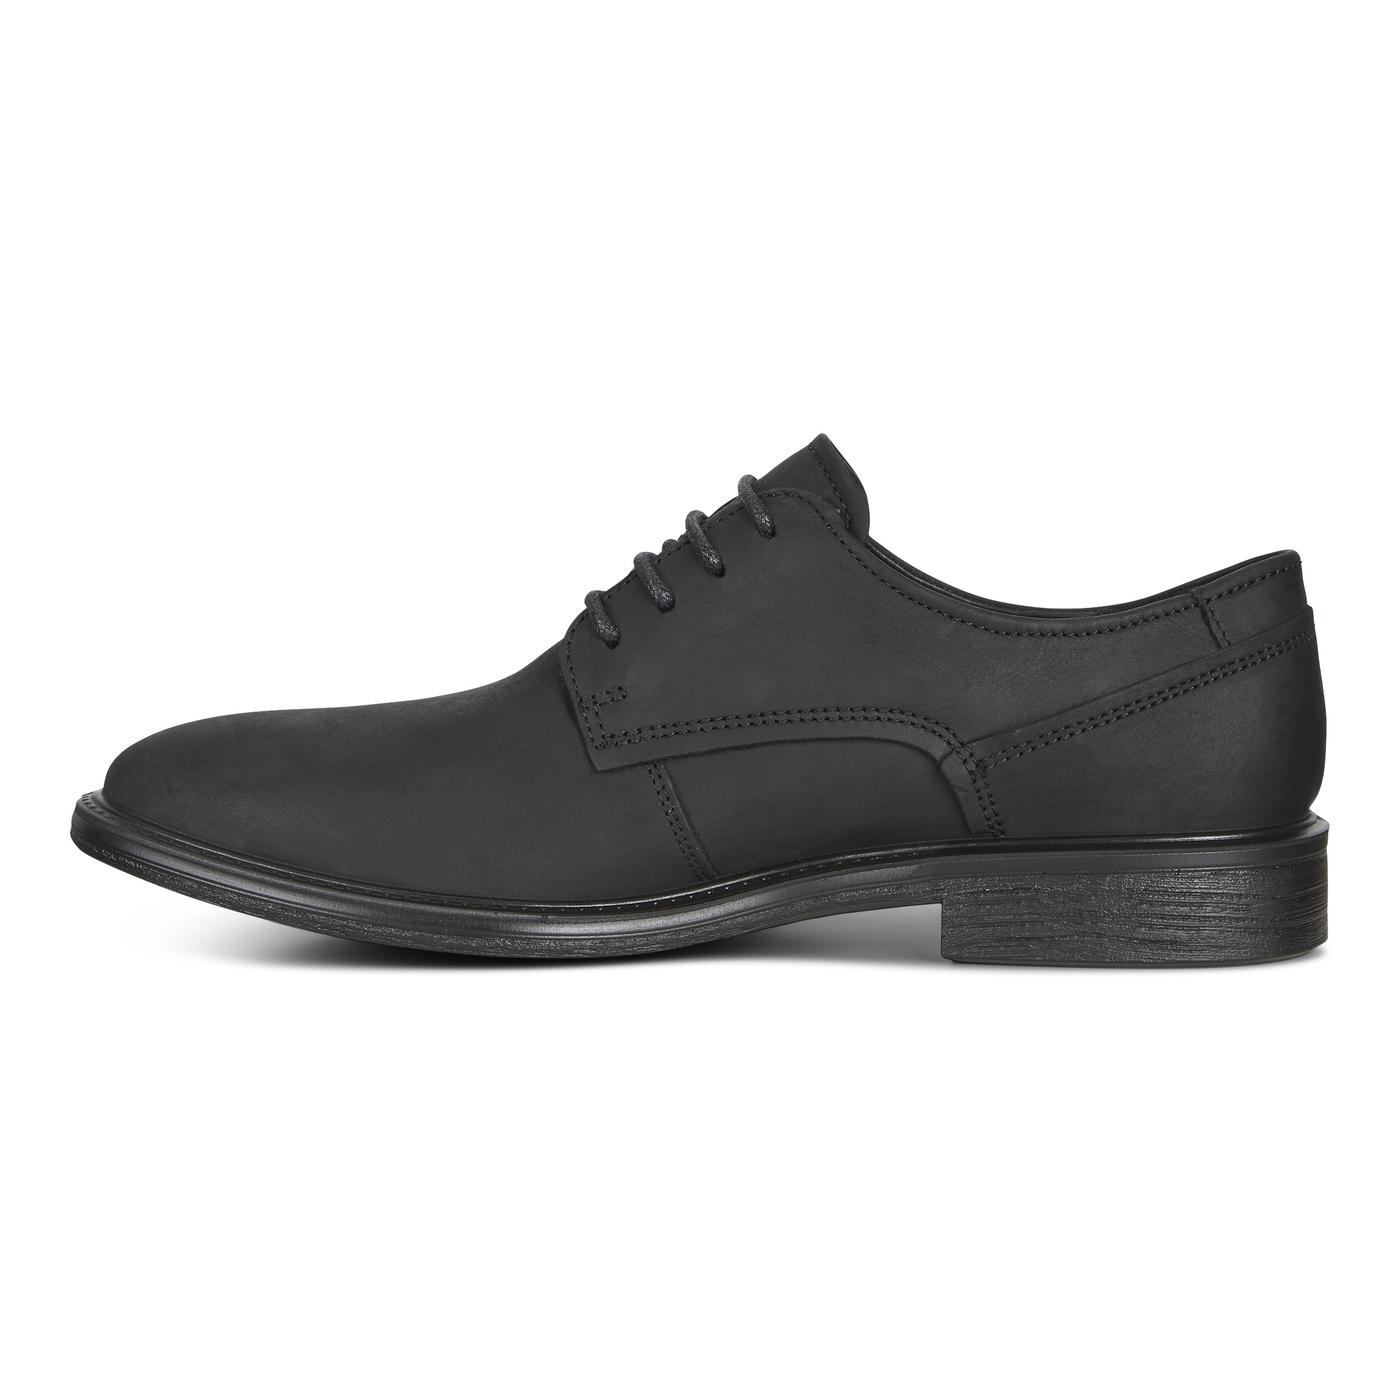 080d5d0f3a ECCO Knoxville Men's GTX Plain Toe Tie Shoes | ECCO® Shoes